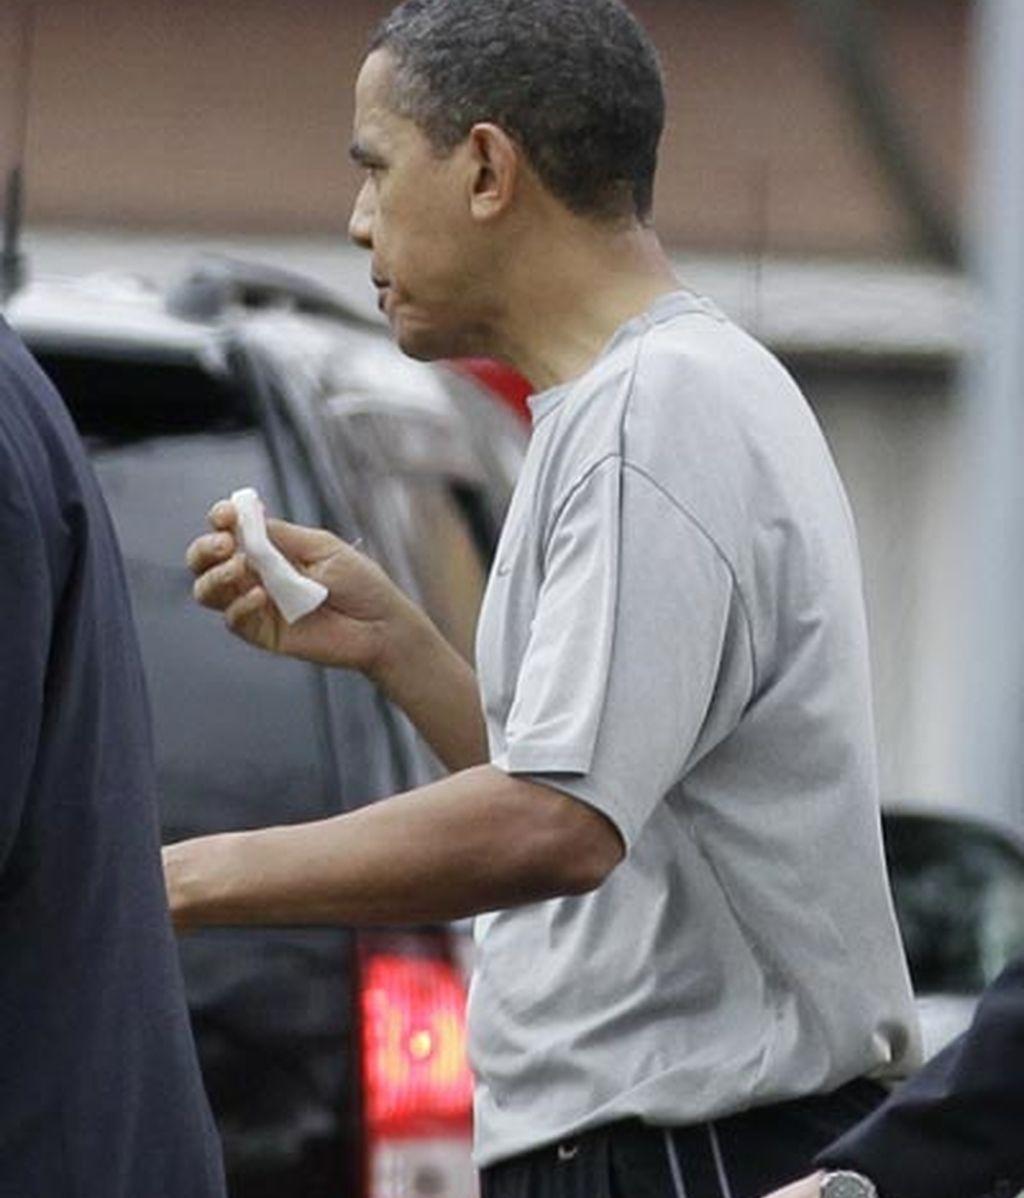 Obama recibe 12 puntos en el labio durante partido de baloncesto